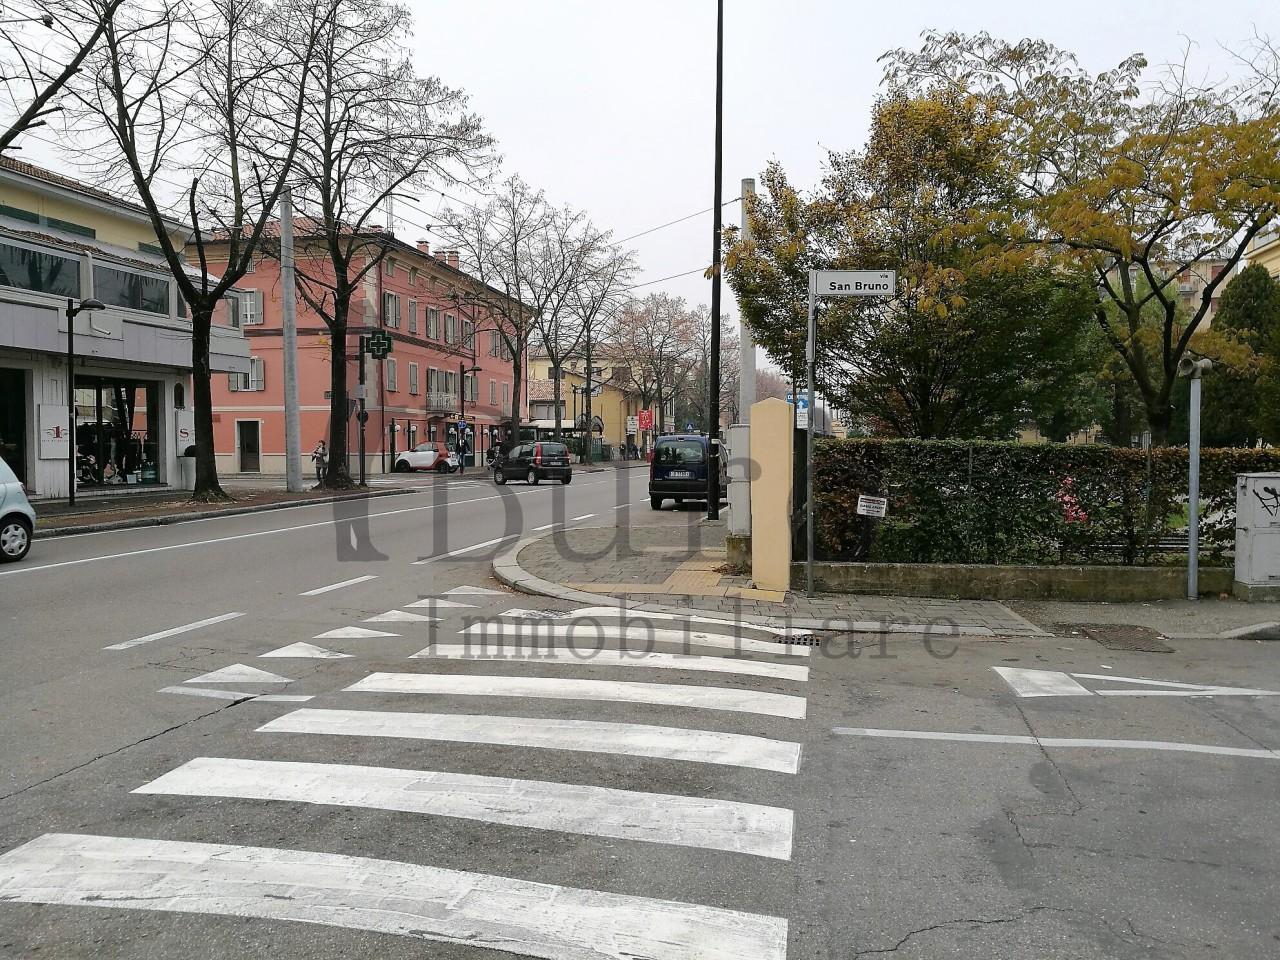 Appartamento in vendita a Parma, 3 locali, prezzo € 109.000 | Cambio Casa.it